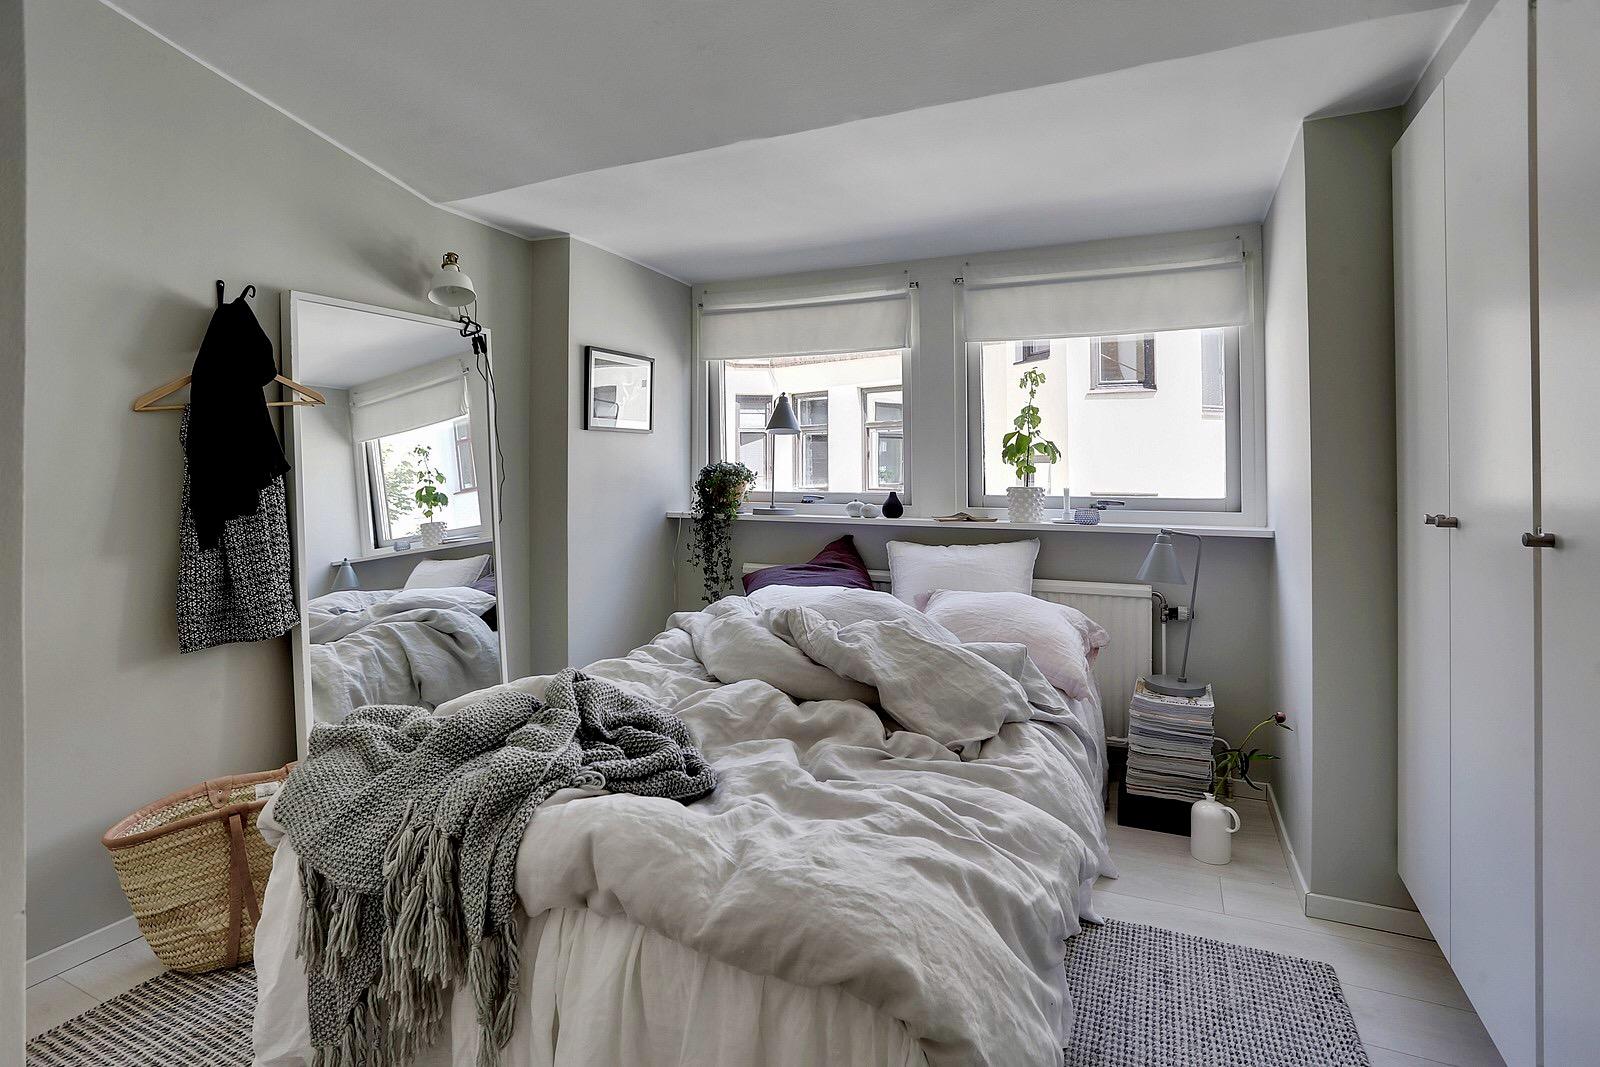 спальня кровать шкаф окно зеркало